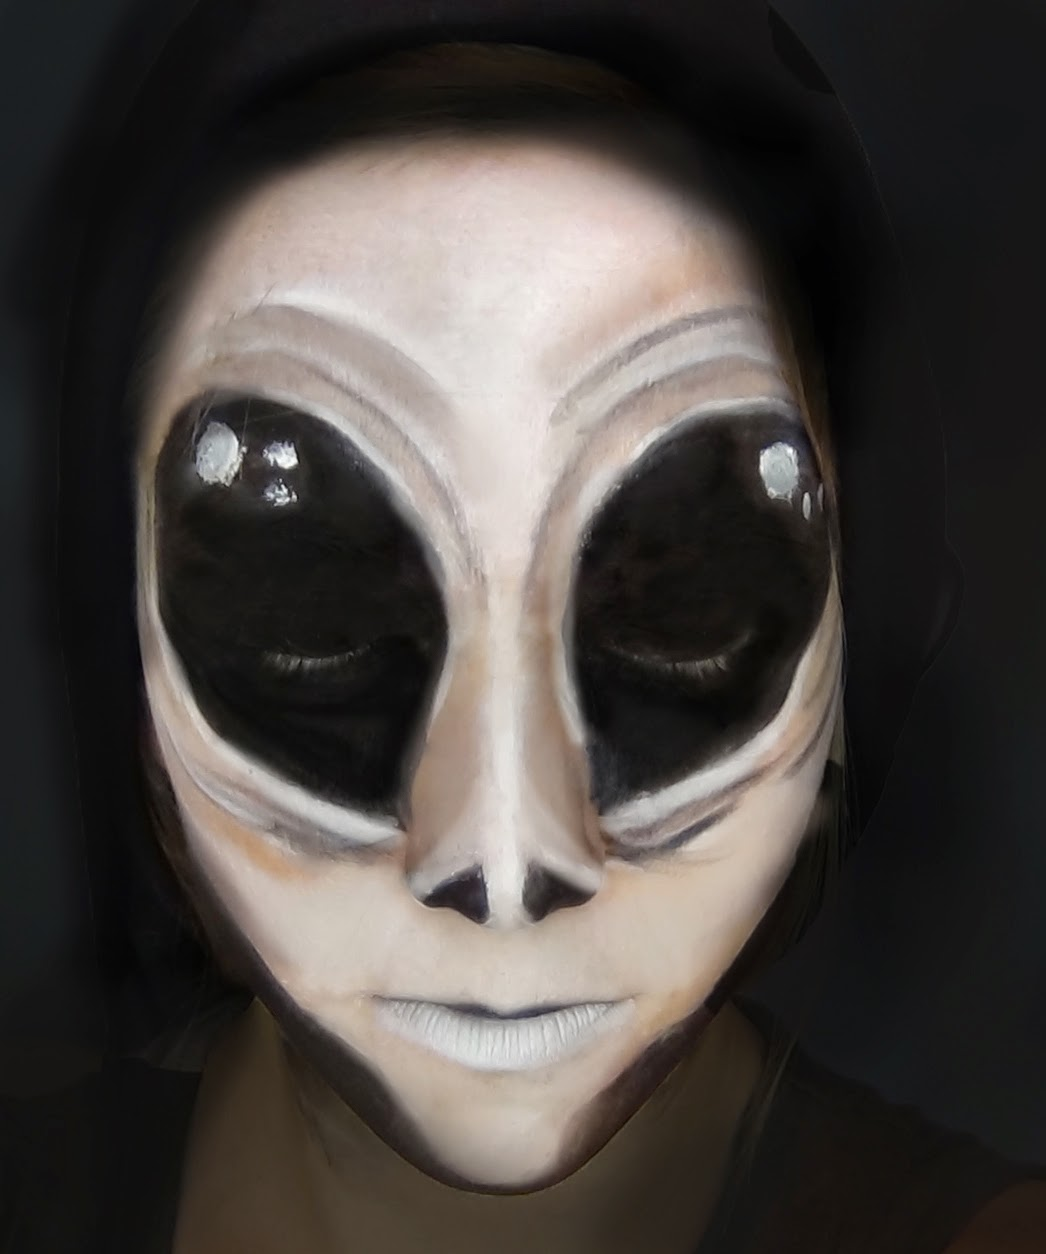 07c2d76fa76 Primp Powder Pout - a Make-Up Artist's Life: Alien Halloween Makeup ...